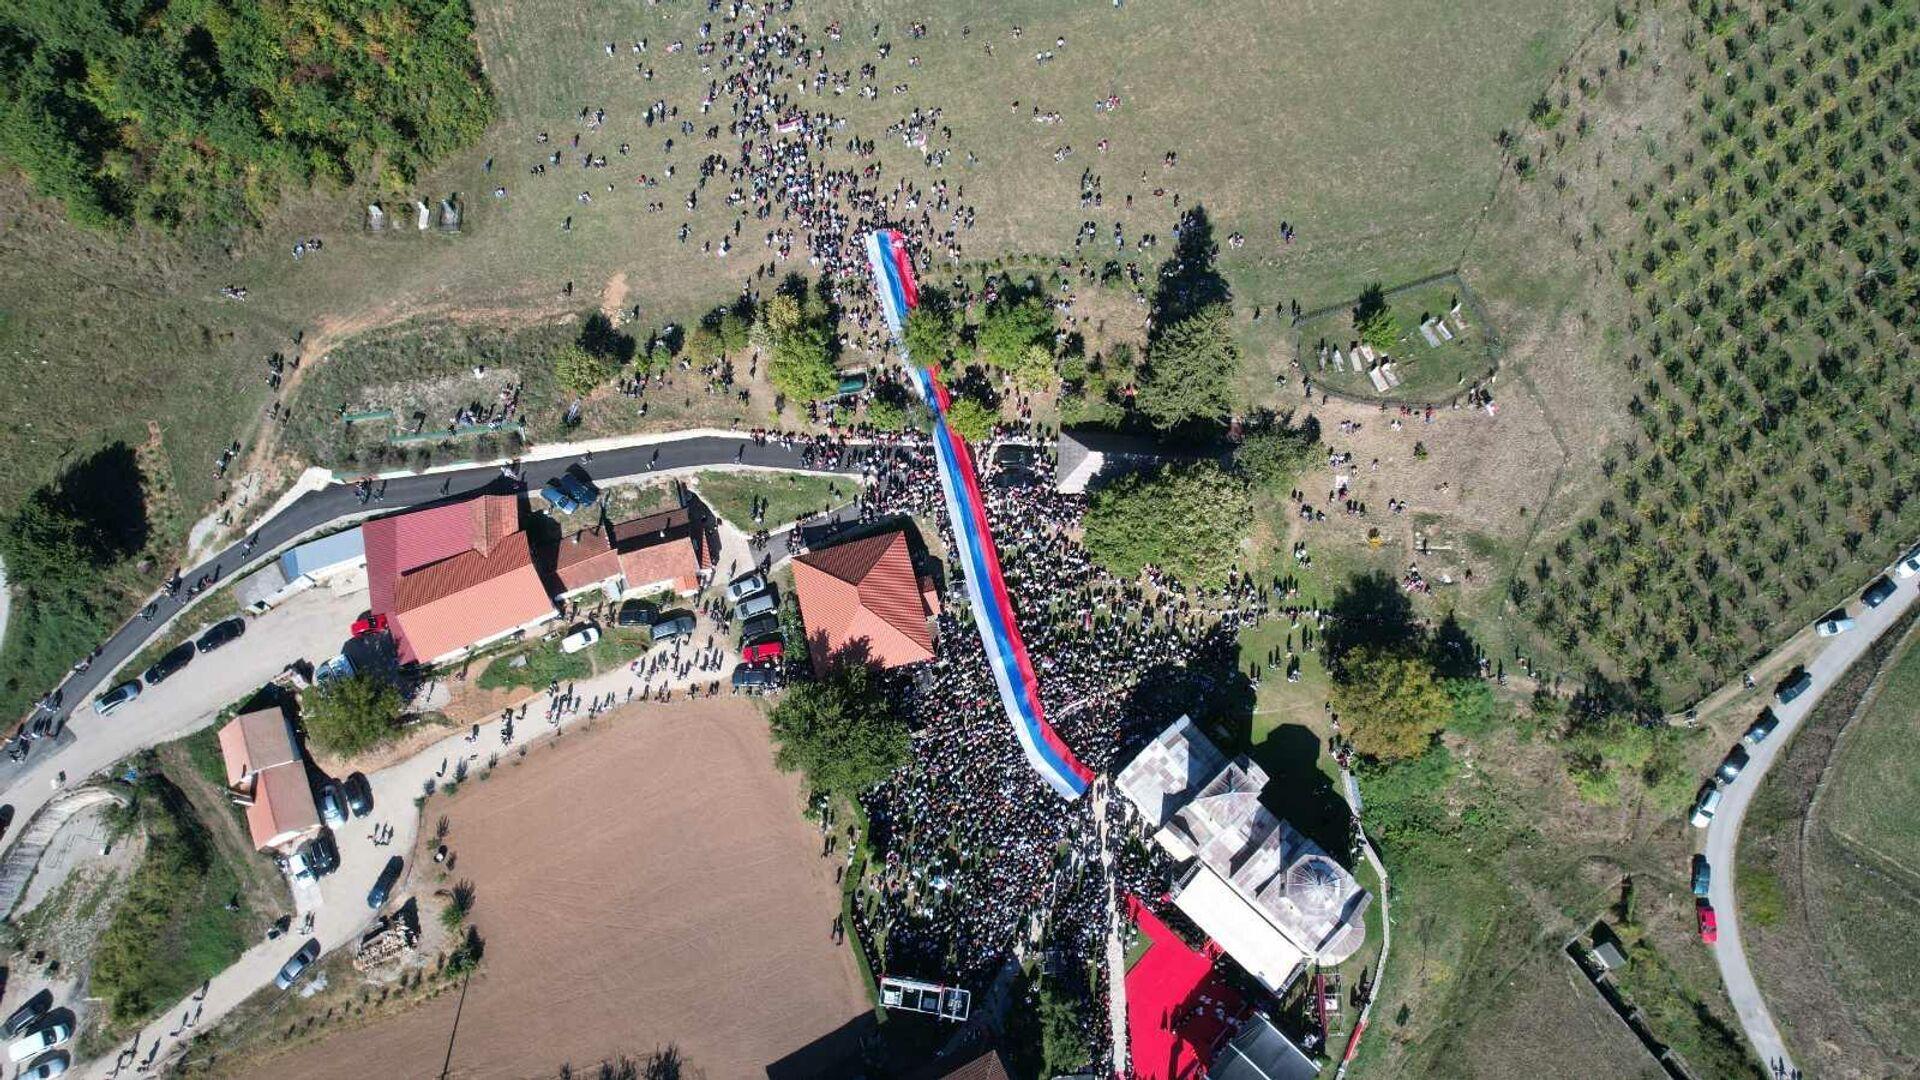 Народ окупљен око Ђурђевих ступова током чина устоличења владике Методија - Sputnik Србија, 1920, 26.09.2021